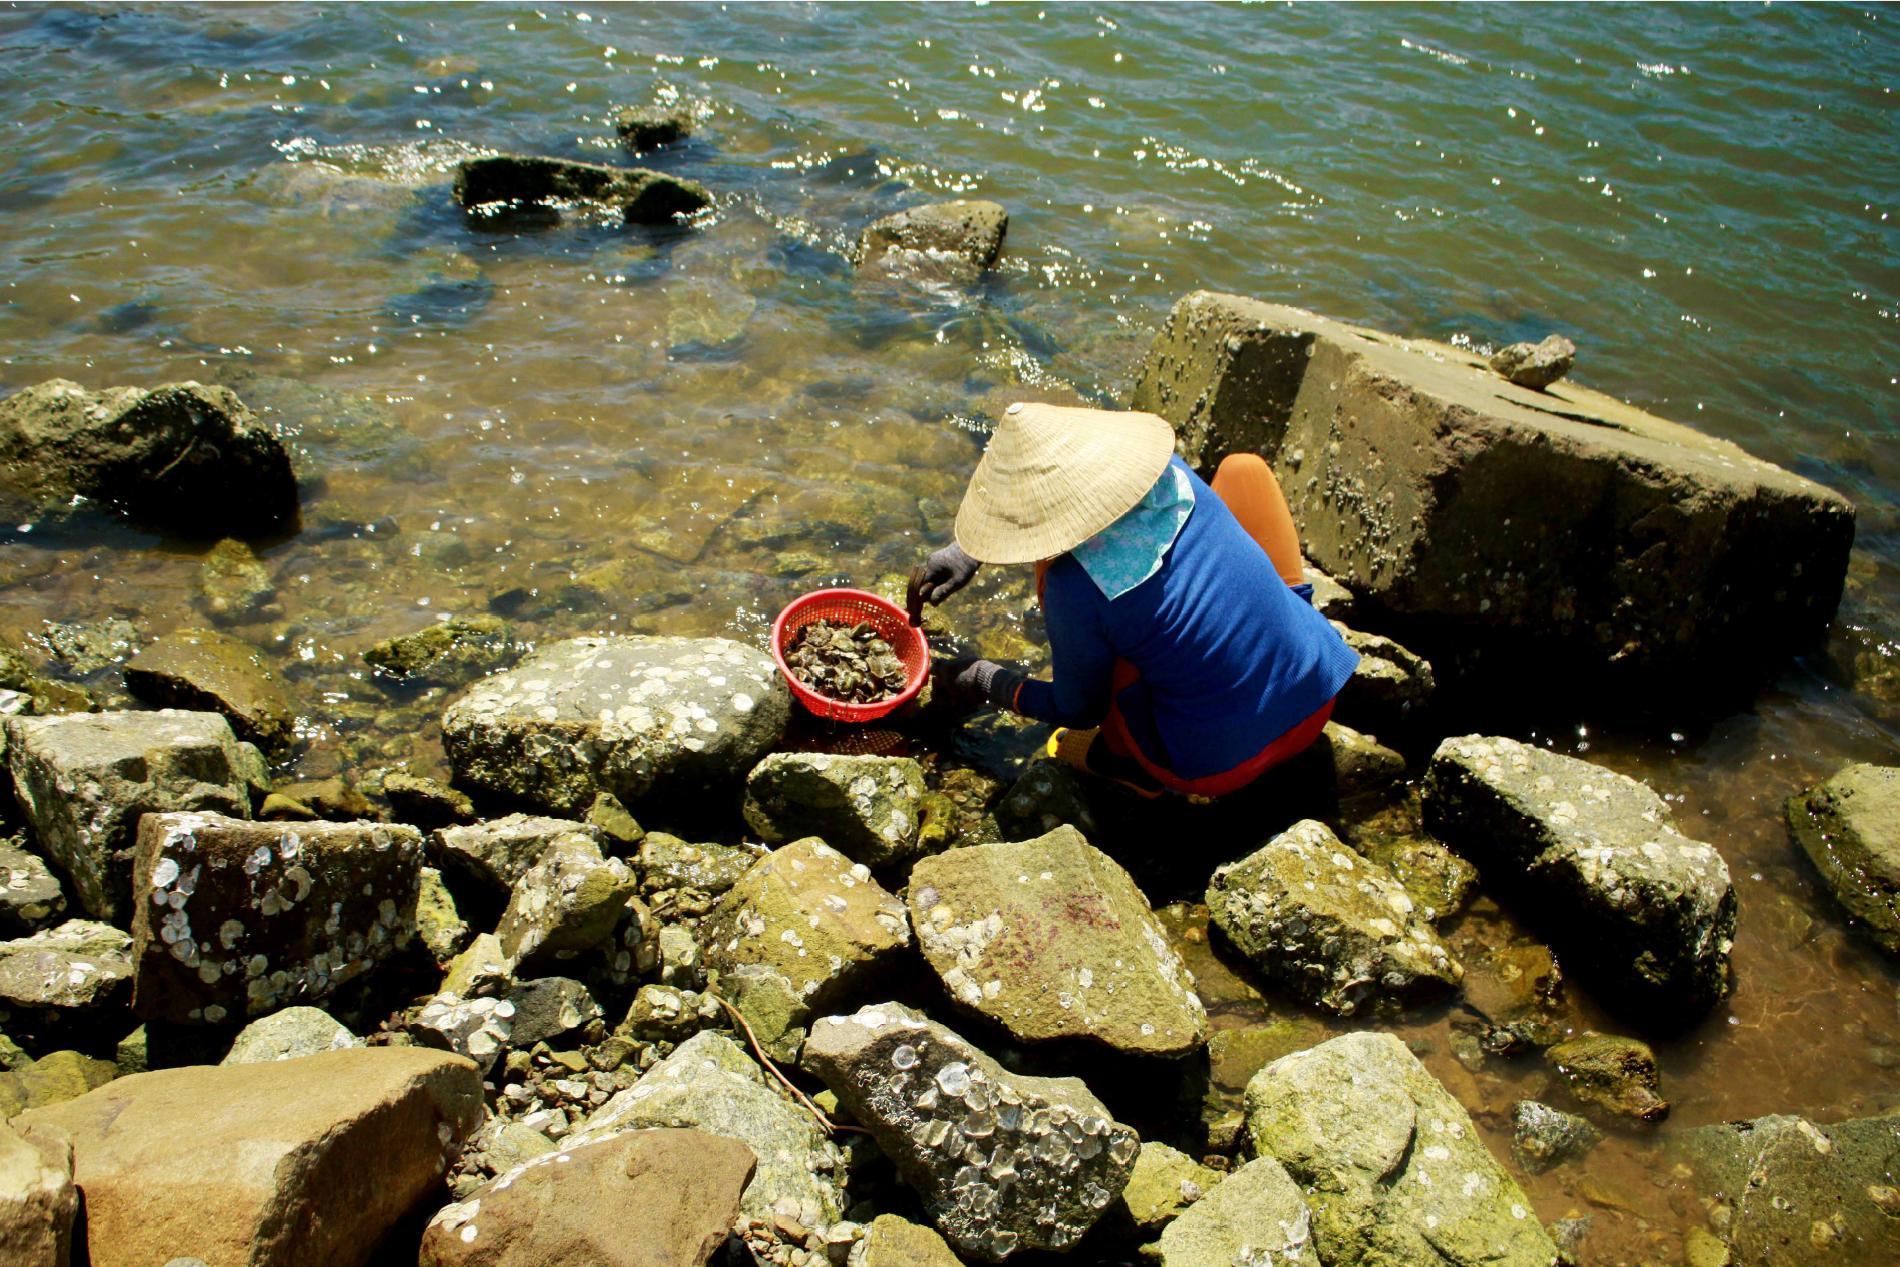 Nhọc nhằn nghề đẽo đá, đục hàu nơi cửa biển  ảnh 17